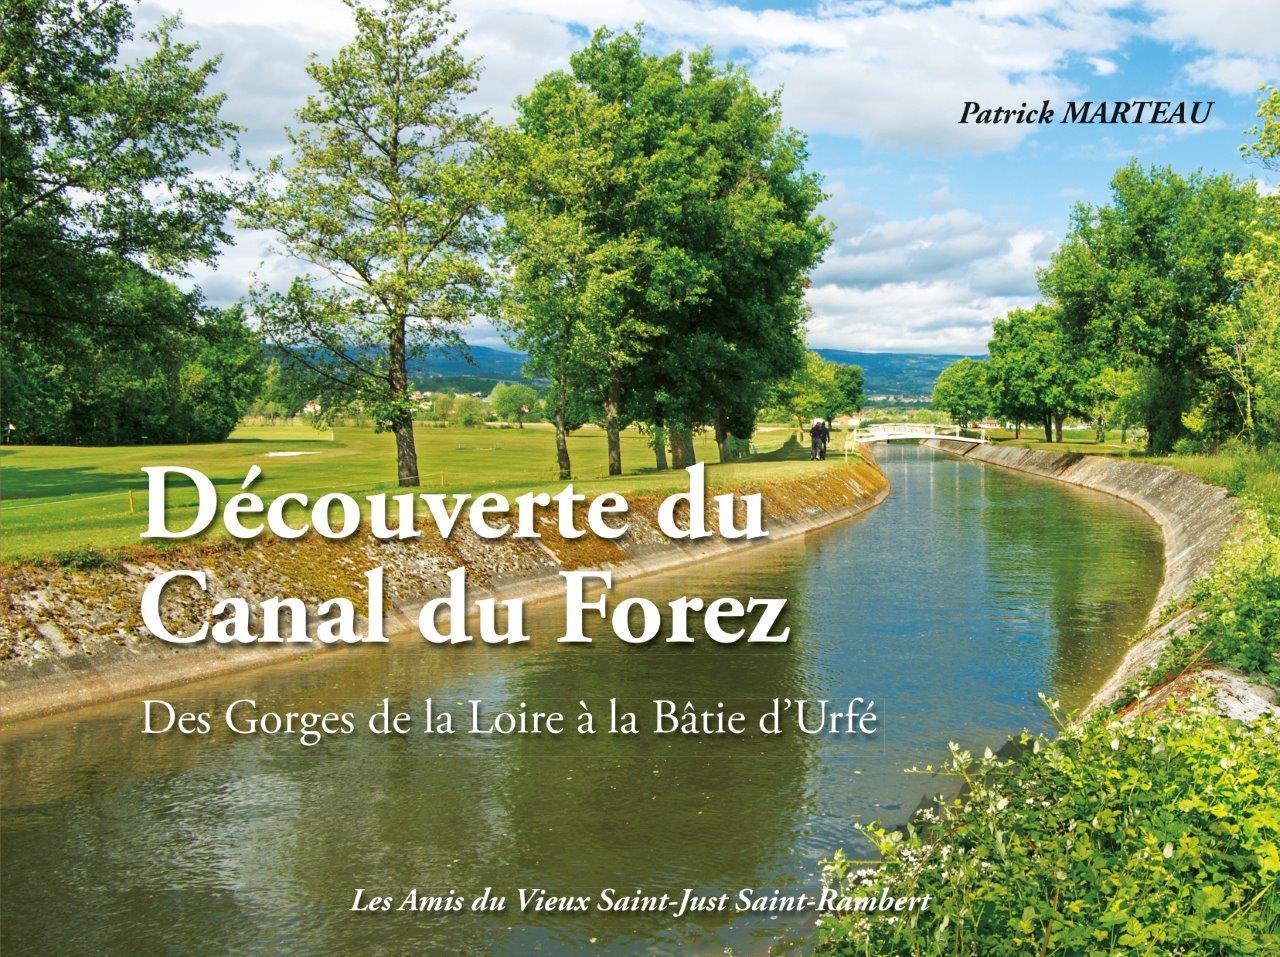 Nouvelle parution : Découverte du Canal du Forez, des Gorges de la Loire à la Bâtie d'Urfé